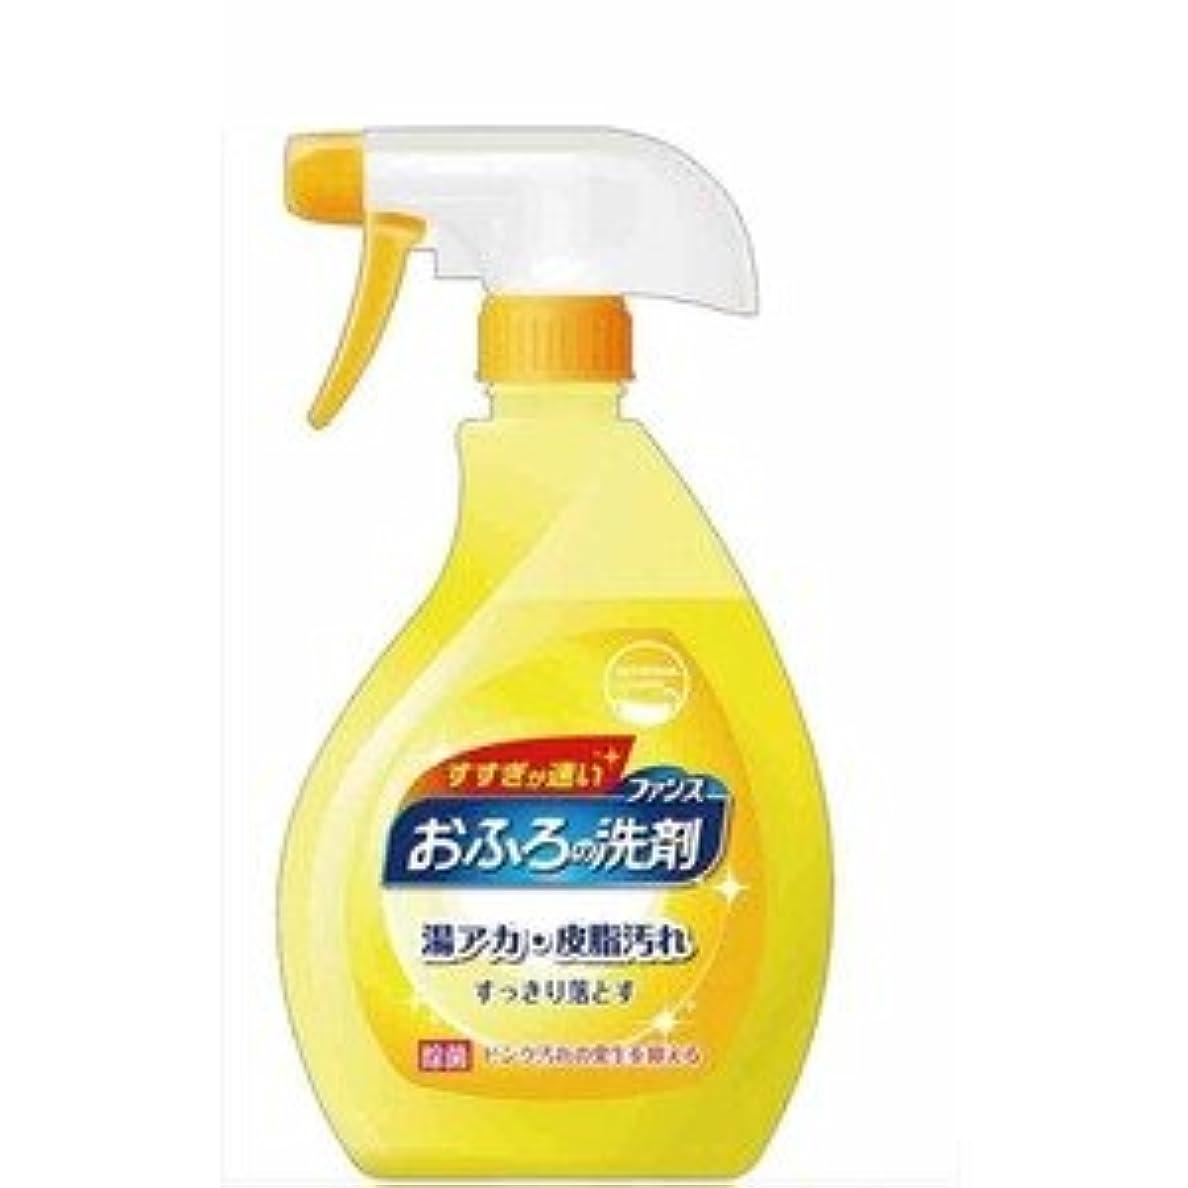 要塞世代重なるルファンスおふろの洗剤オレンジミント本体380ml 46-238 【120個セット】